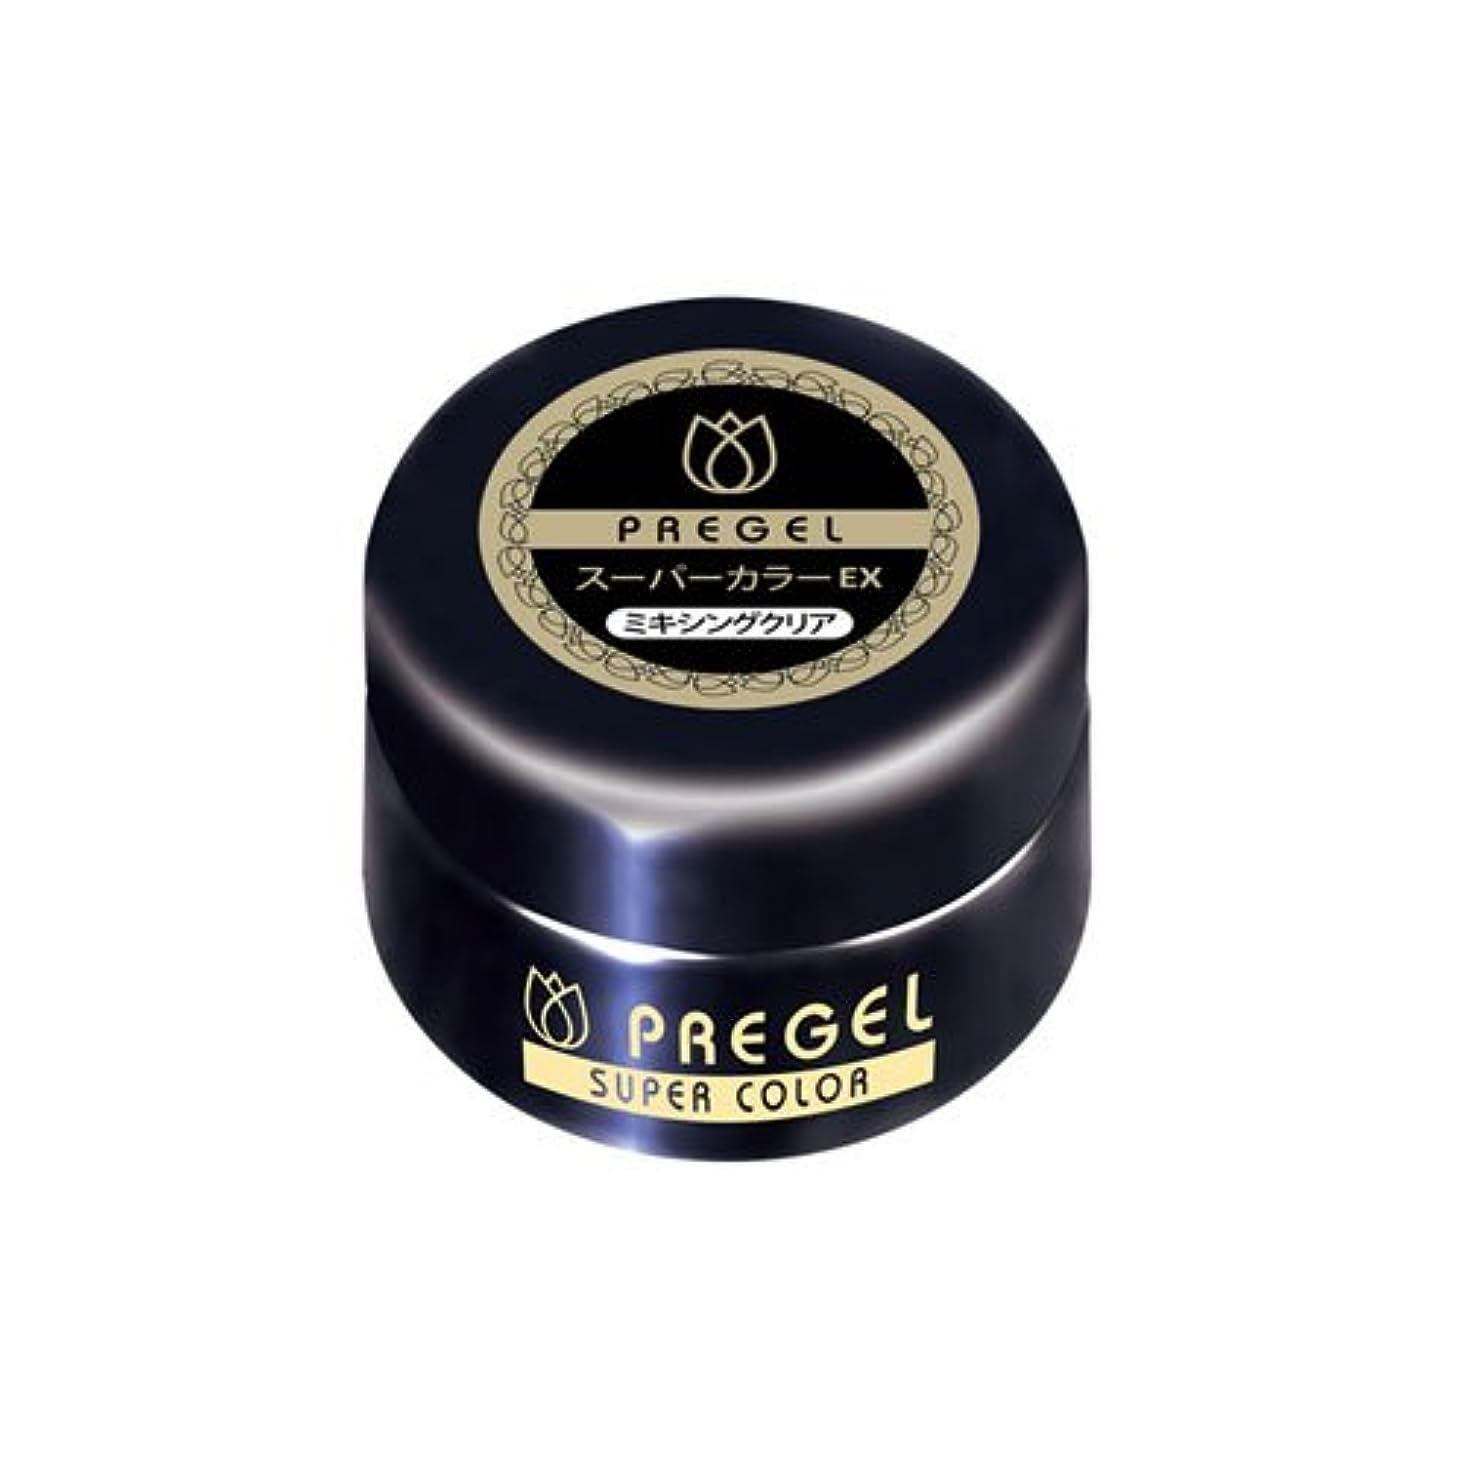 コロニー芽可動式プリジェル スーパーカラーEX ミキシングクリア 4g  カラージェルの薄め用ジェル UV/LED対応